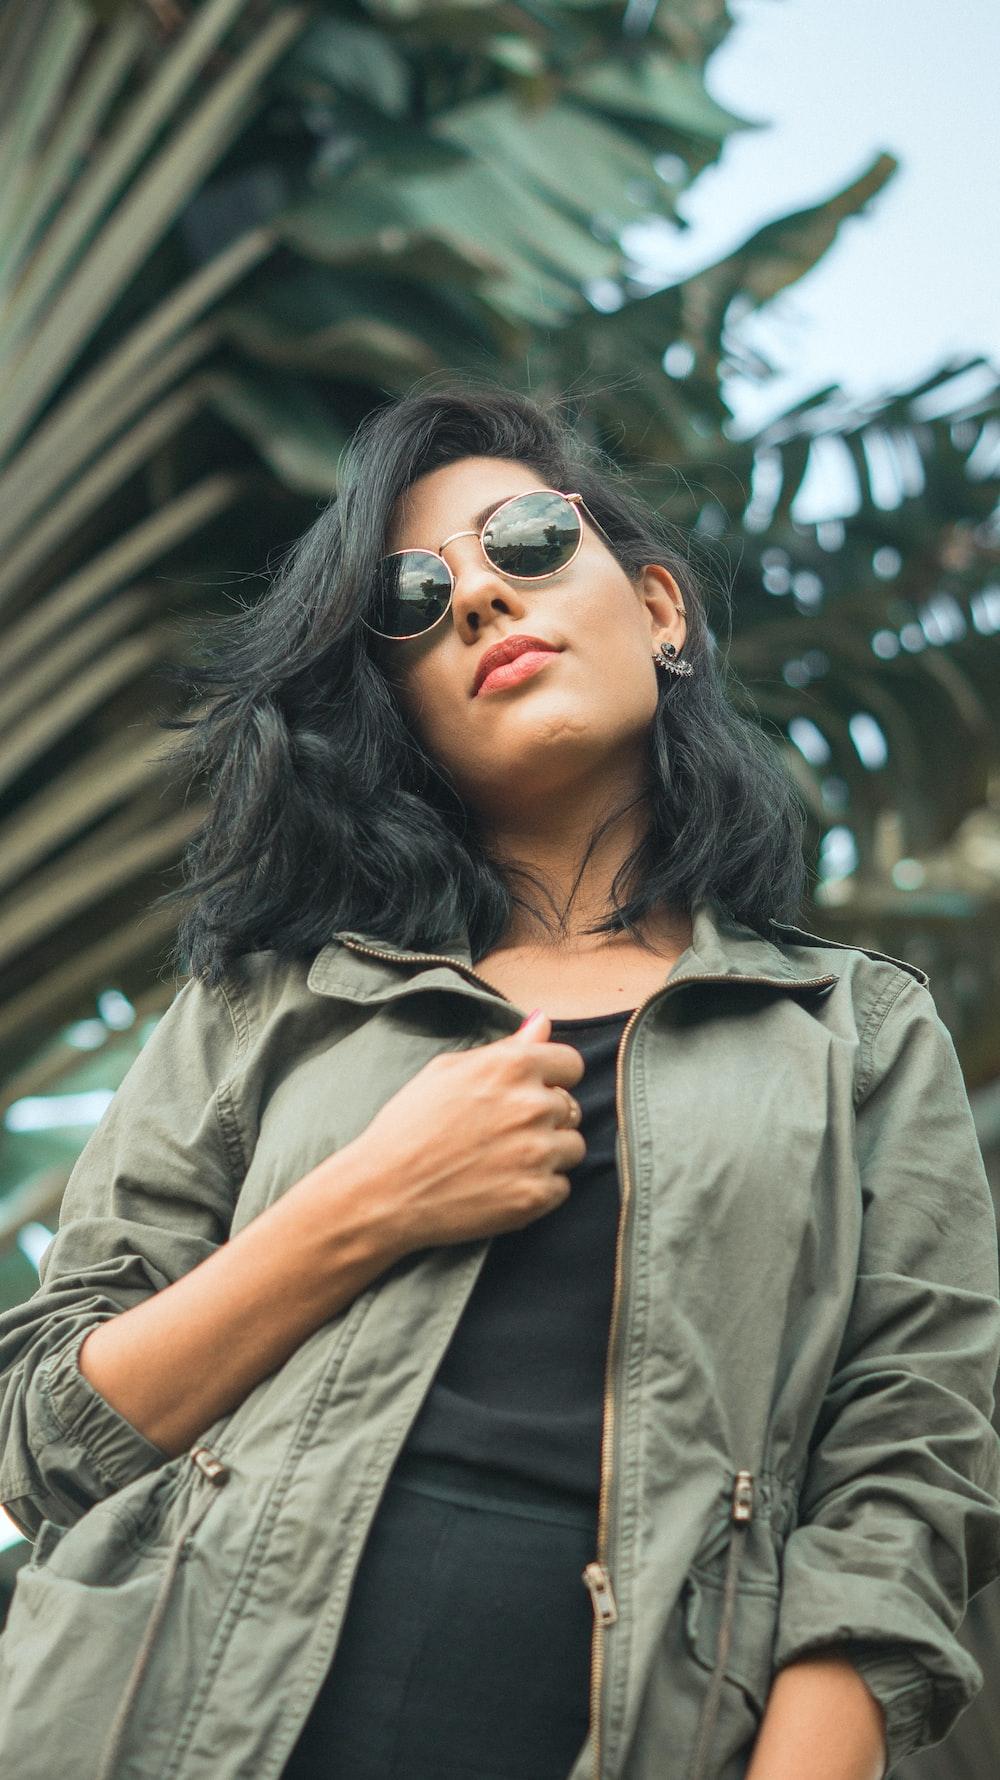 woman in grey zip-up jacket near palm tree